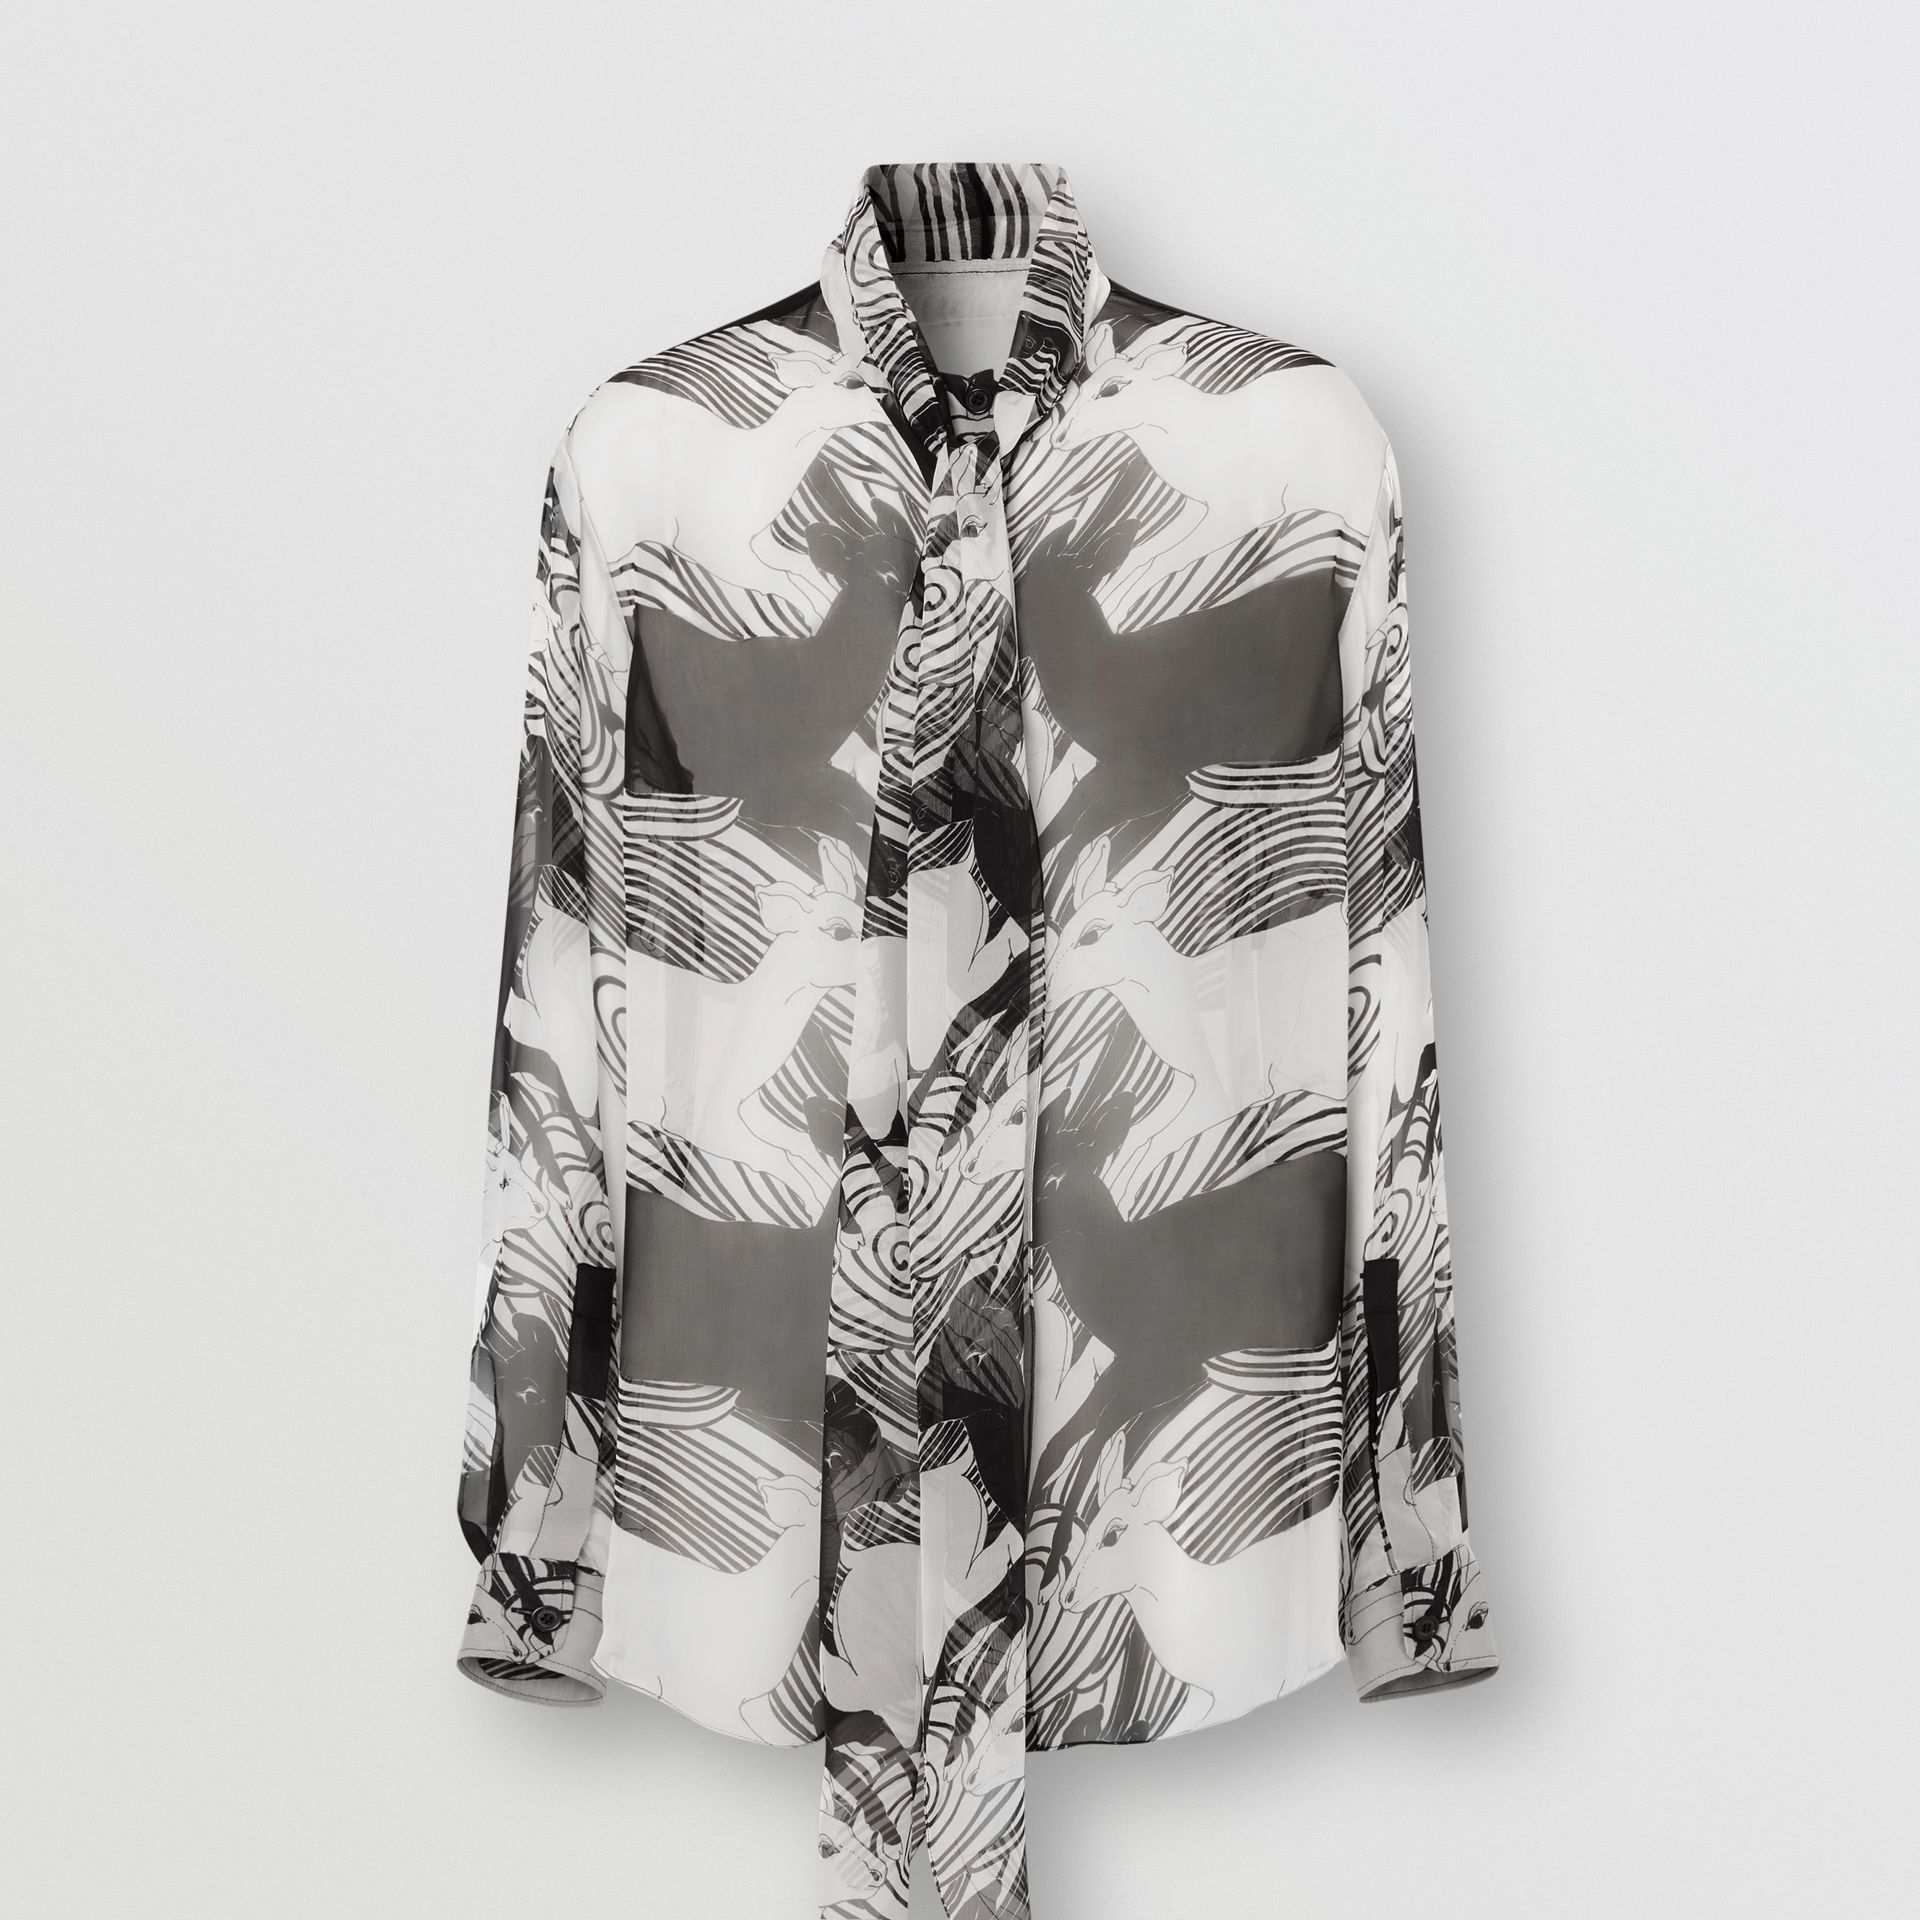 Bluse aus Seidenchiffon mit Rehmotiven und Schleifendetail (Schwarz-weiß) - Damen | Burberry - Galerie-Bild 3